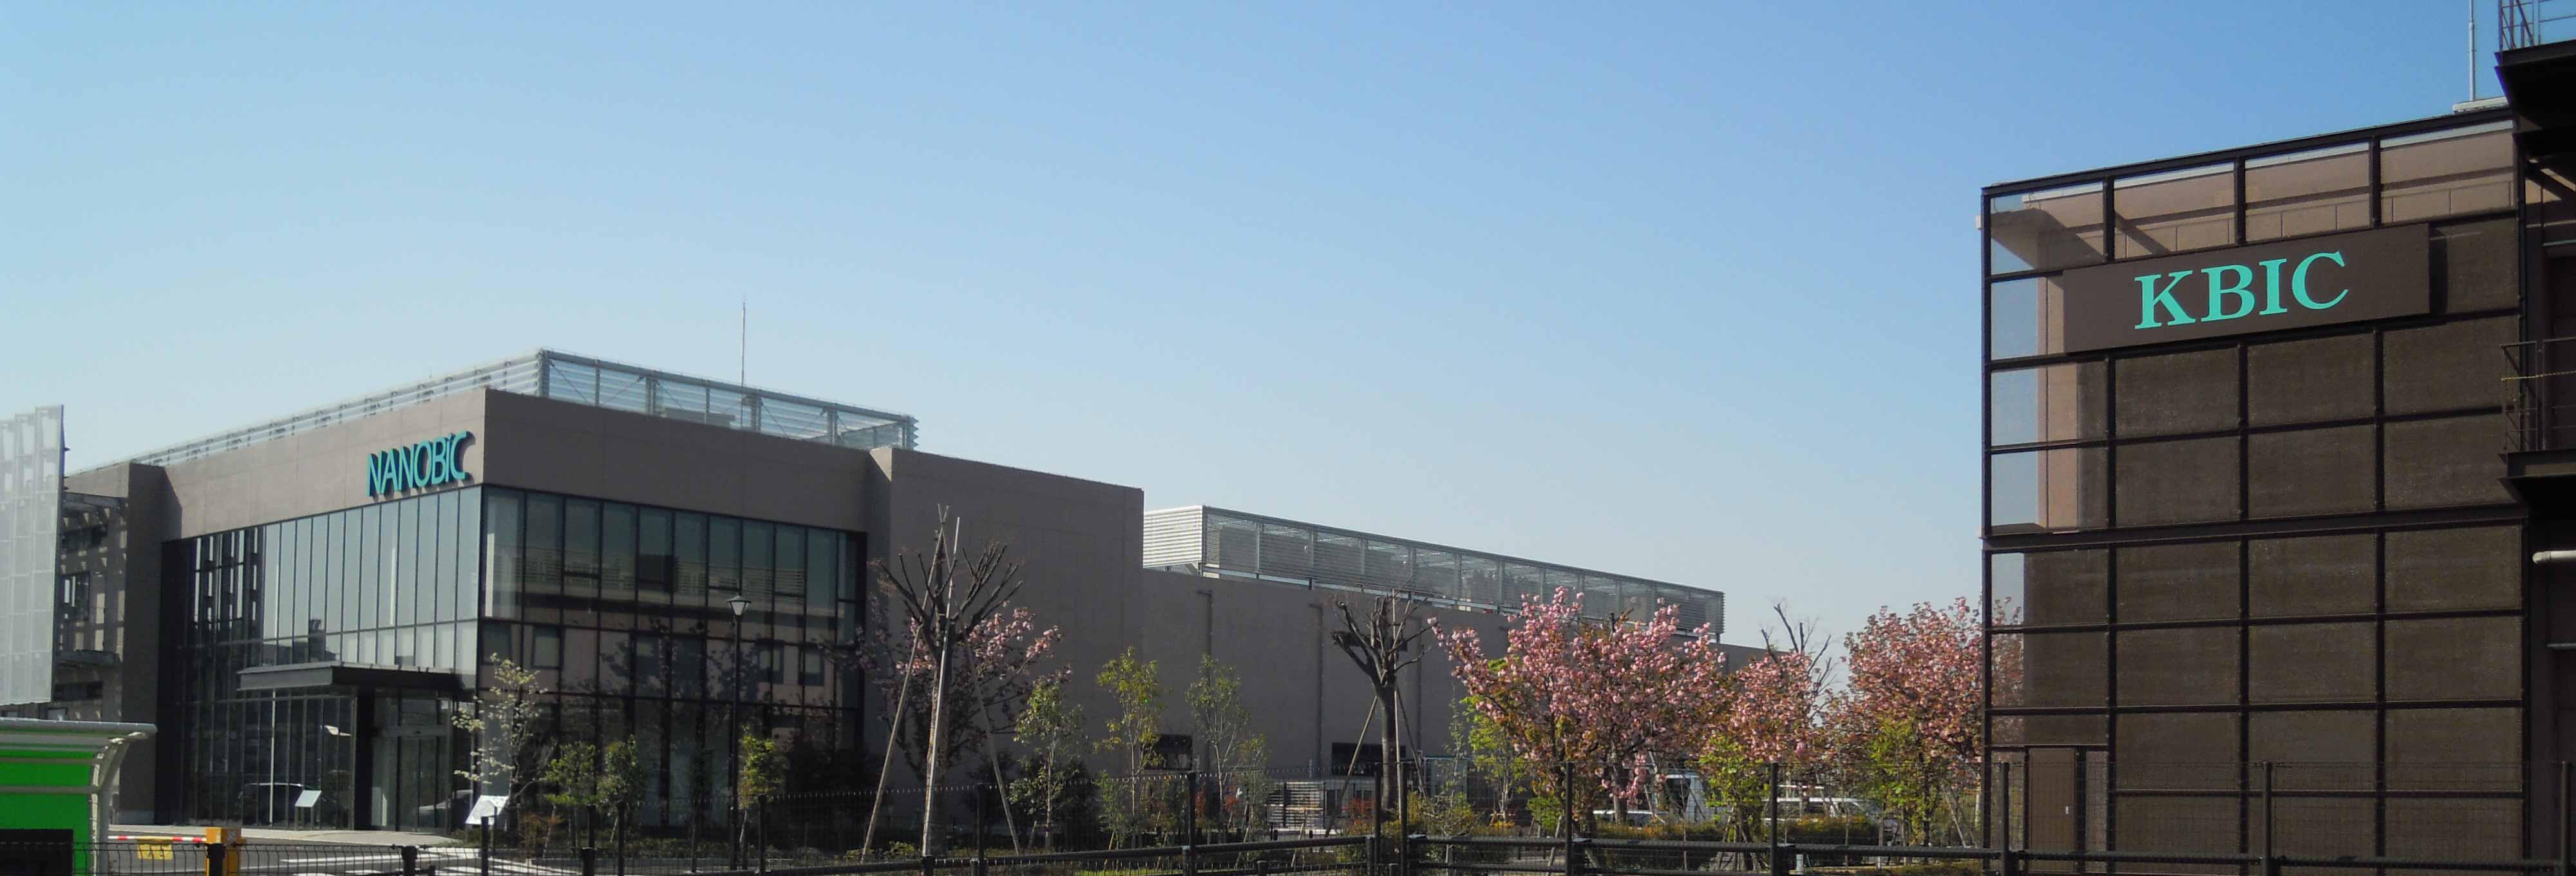 新川崎・創造のもり事業概要を表す画像